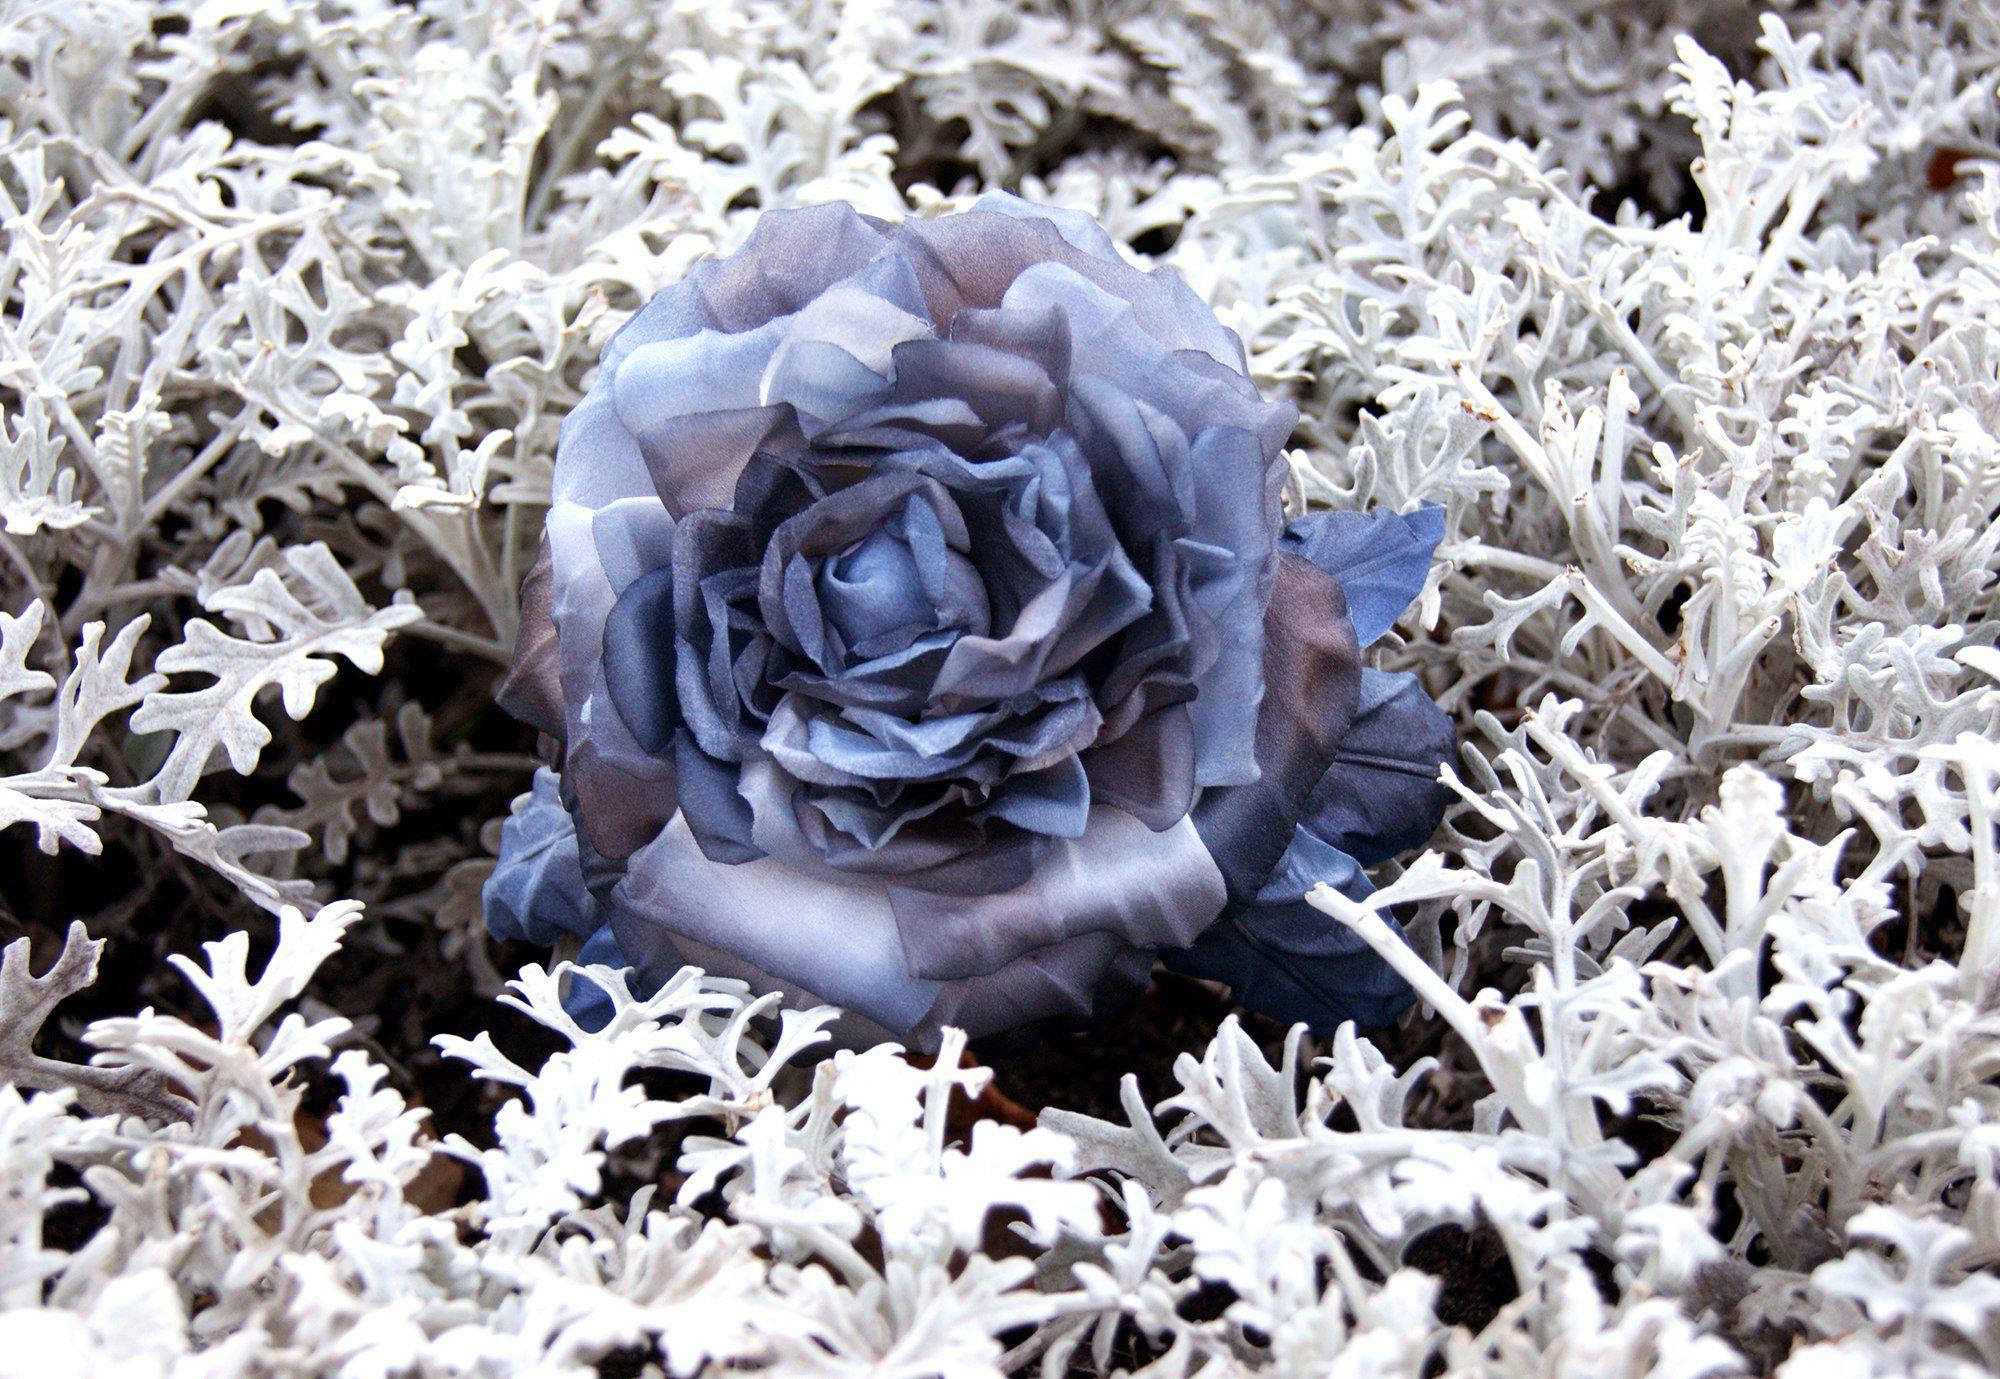 заколка брошь розаизшелка заколкаизшелка. брошьизшелка цветыизшелка украшенияизшелка цветочноеукрашение